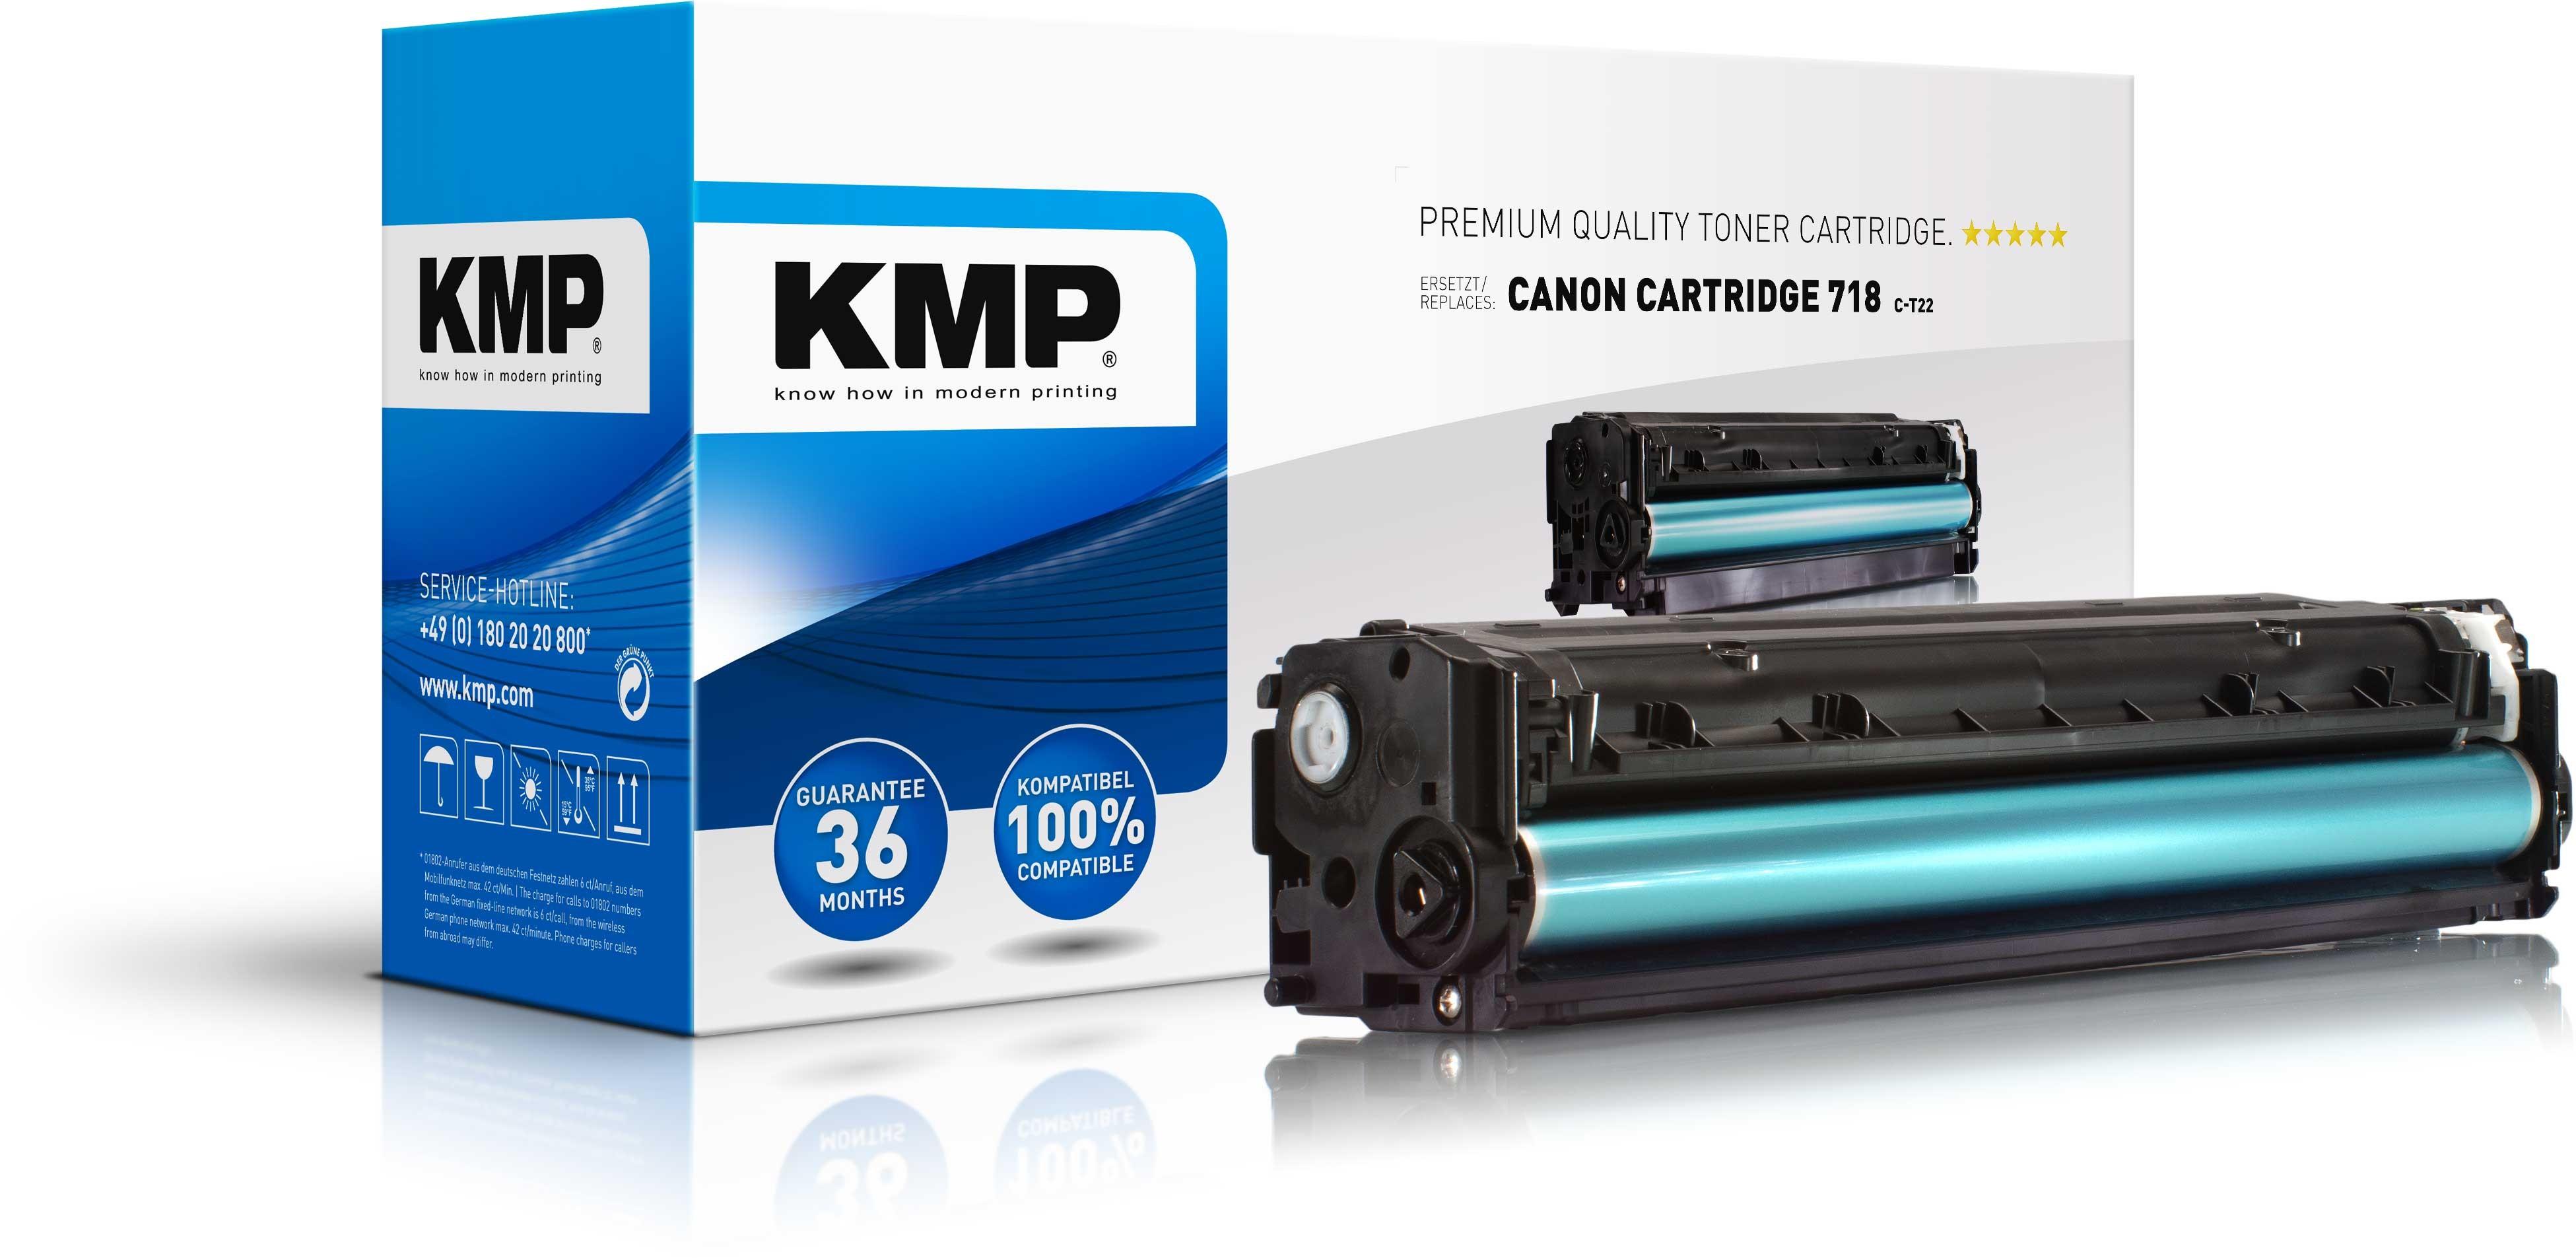 KMP Toner für Canon Cartridge 718 I-Sensys LBP-7200C gelb C-T22